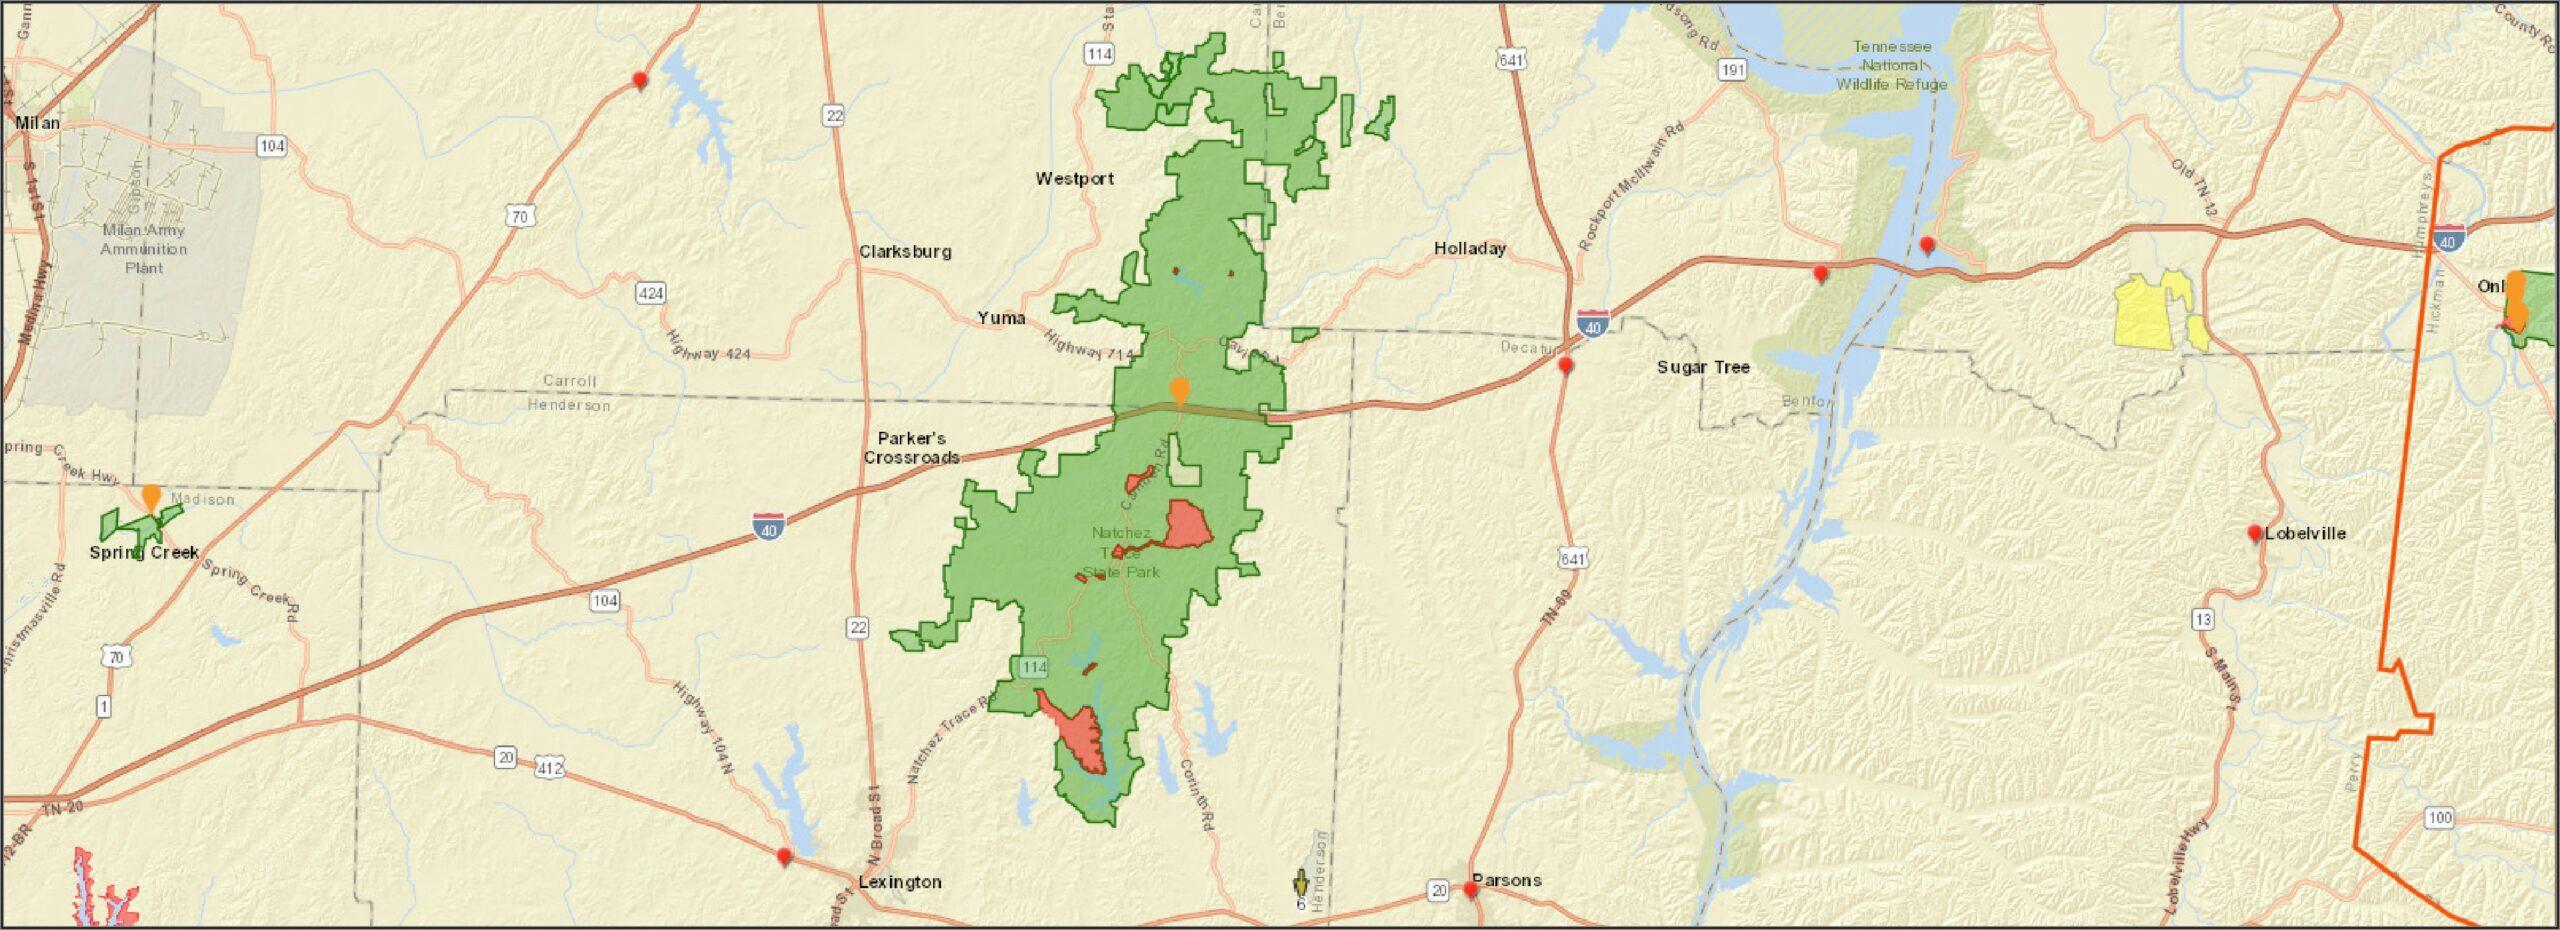 Natchez Trace Park Trail Map